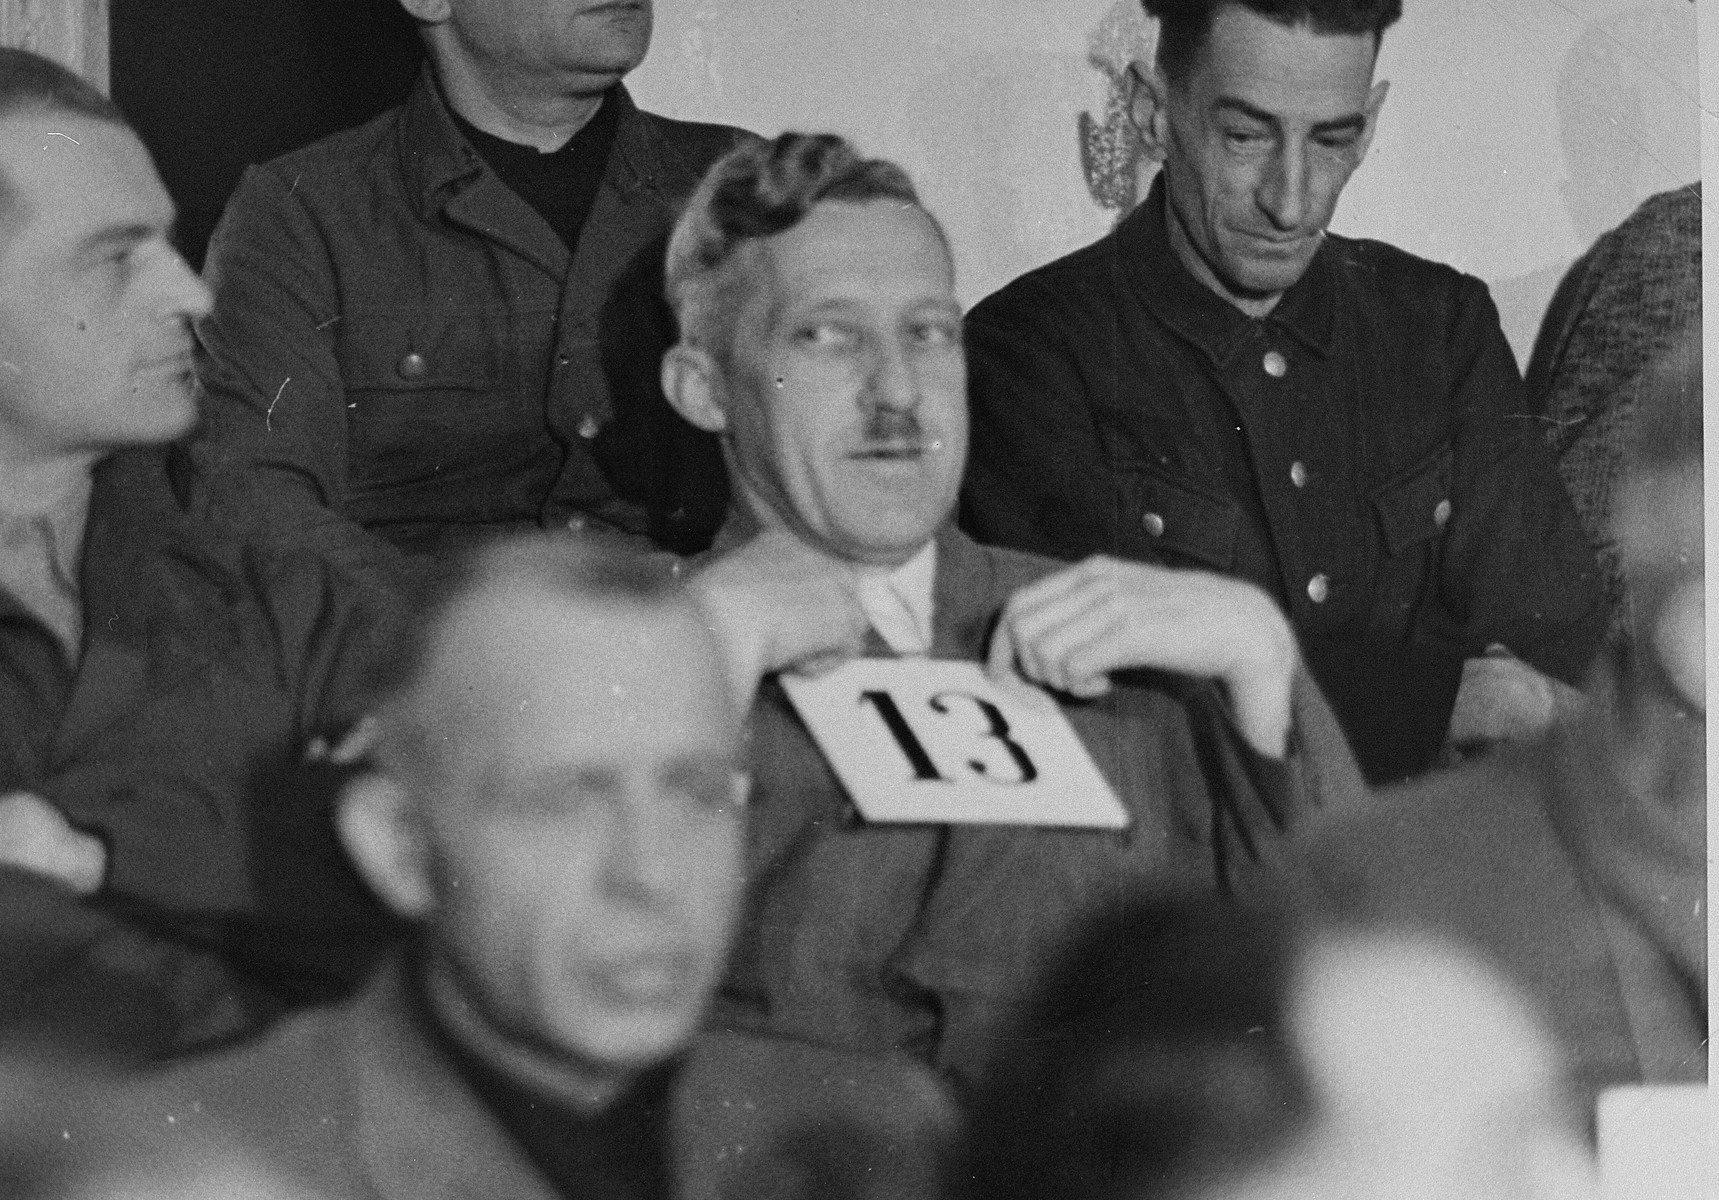 Август Айгрубер — австрийский губернатор и военный преступник.